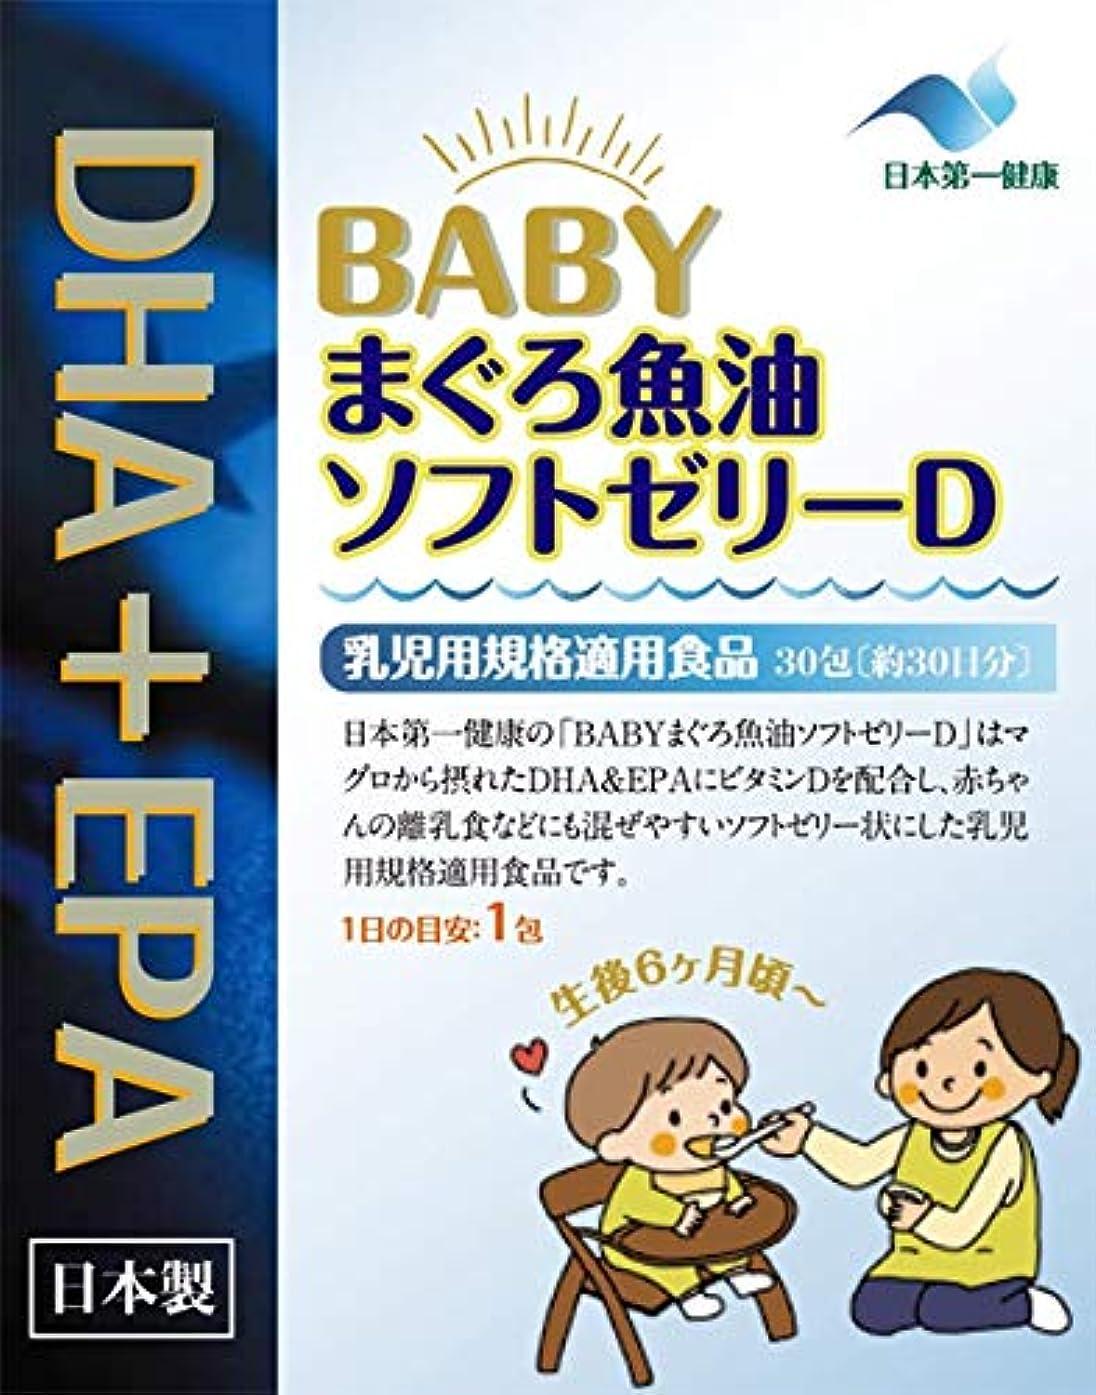 回復ミキサーエゴイズムJHO 日本第一健康 BABYまぐろ魚油ソフトゼリーD 30包入×2個セット 日本製